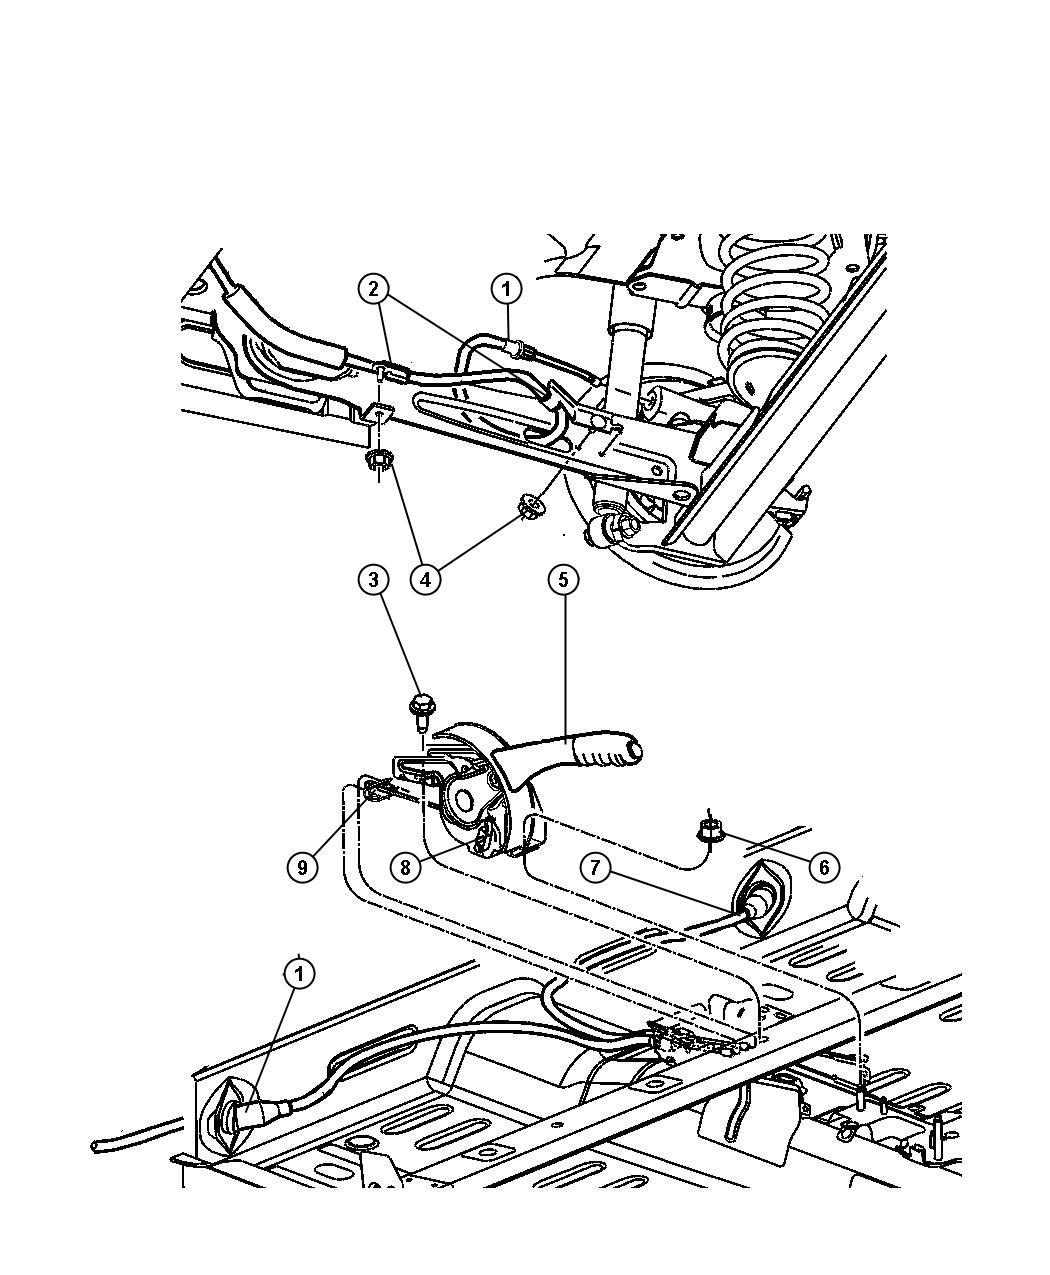 2009 chrysler pt cruiser lever  park brake  parking brake